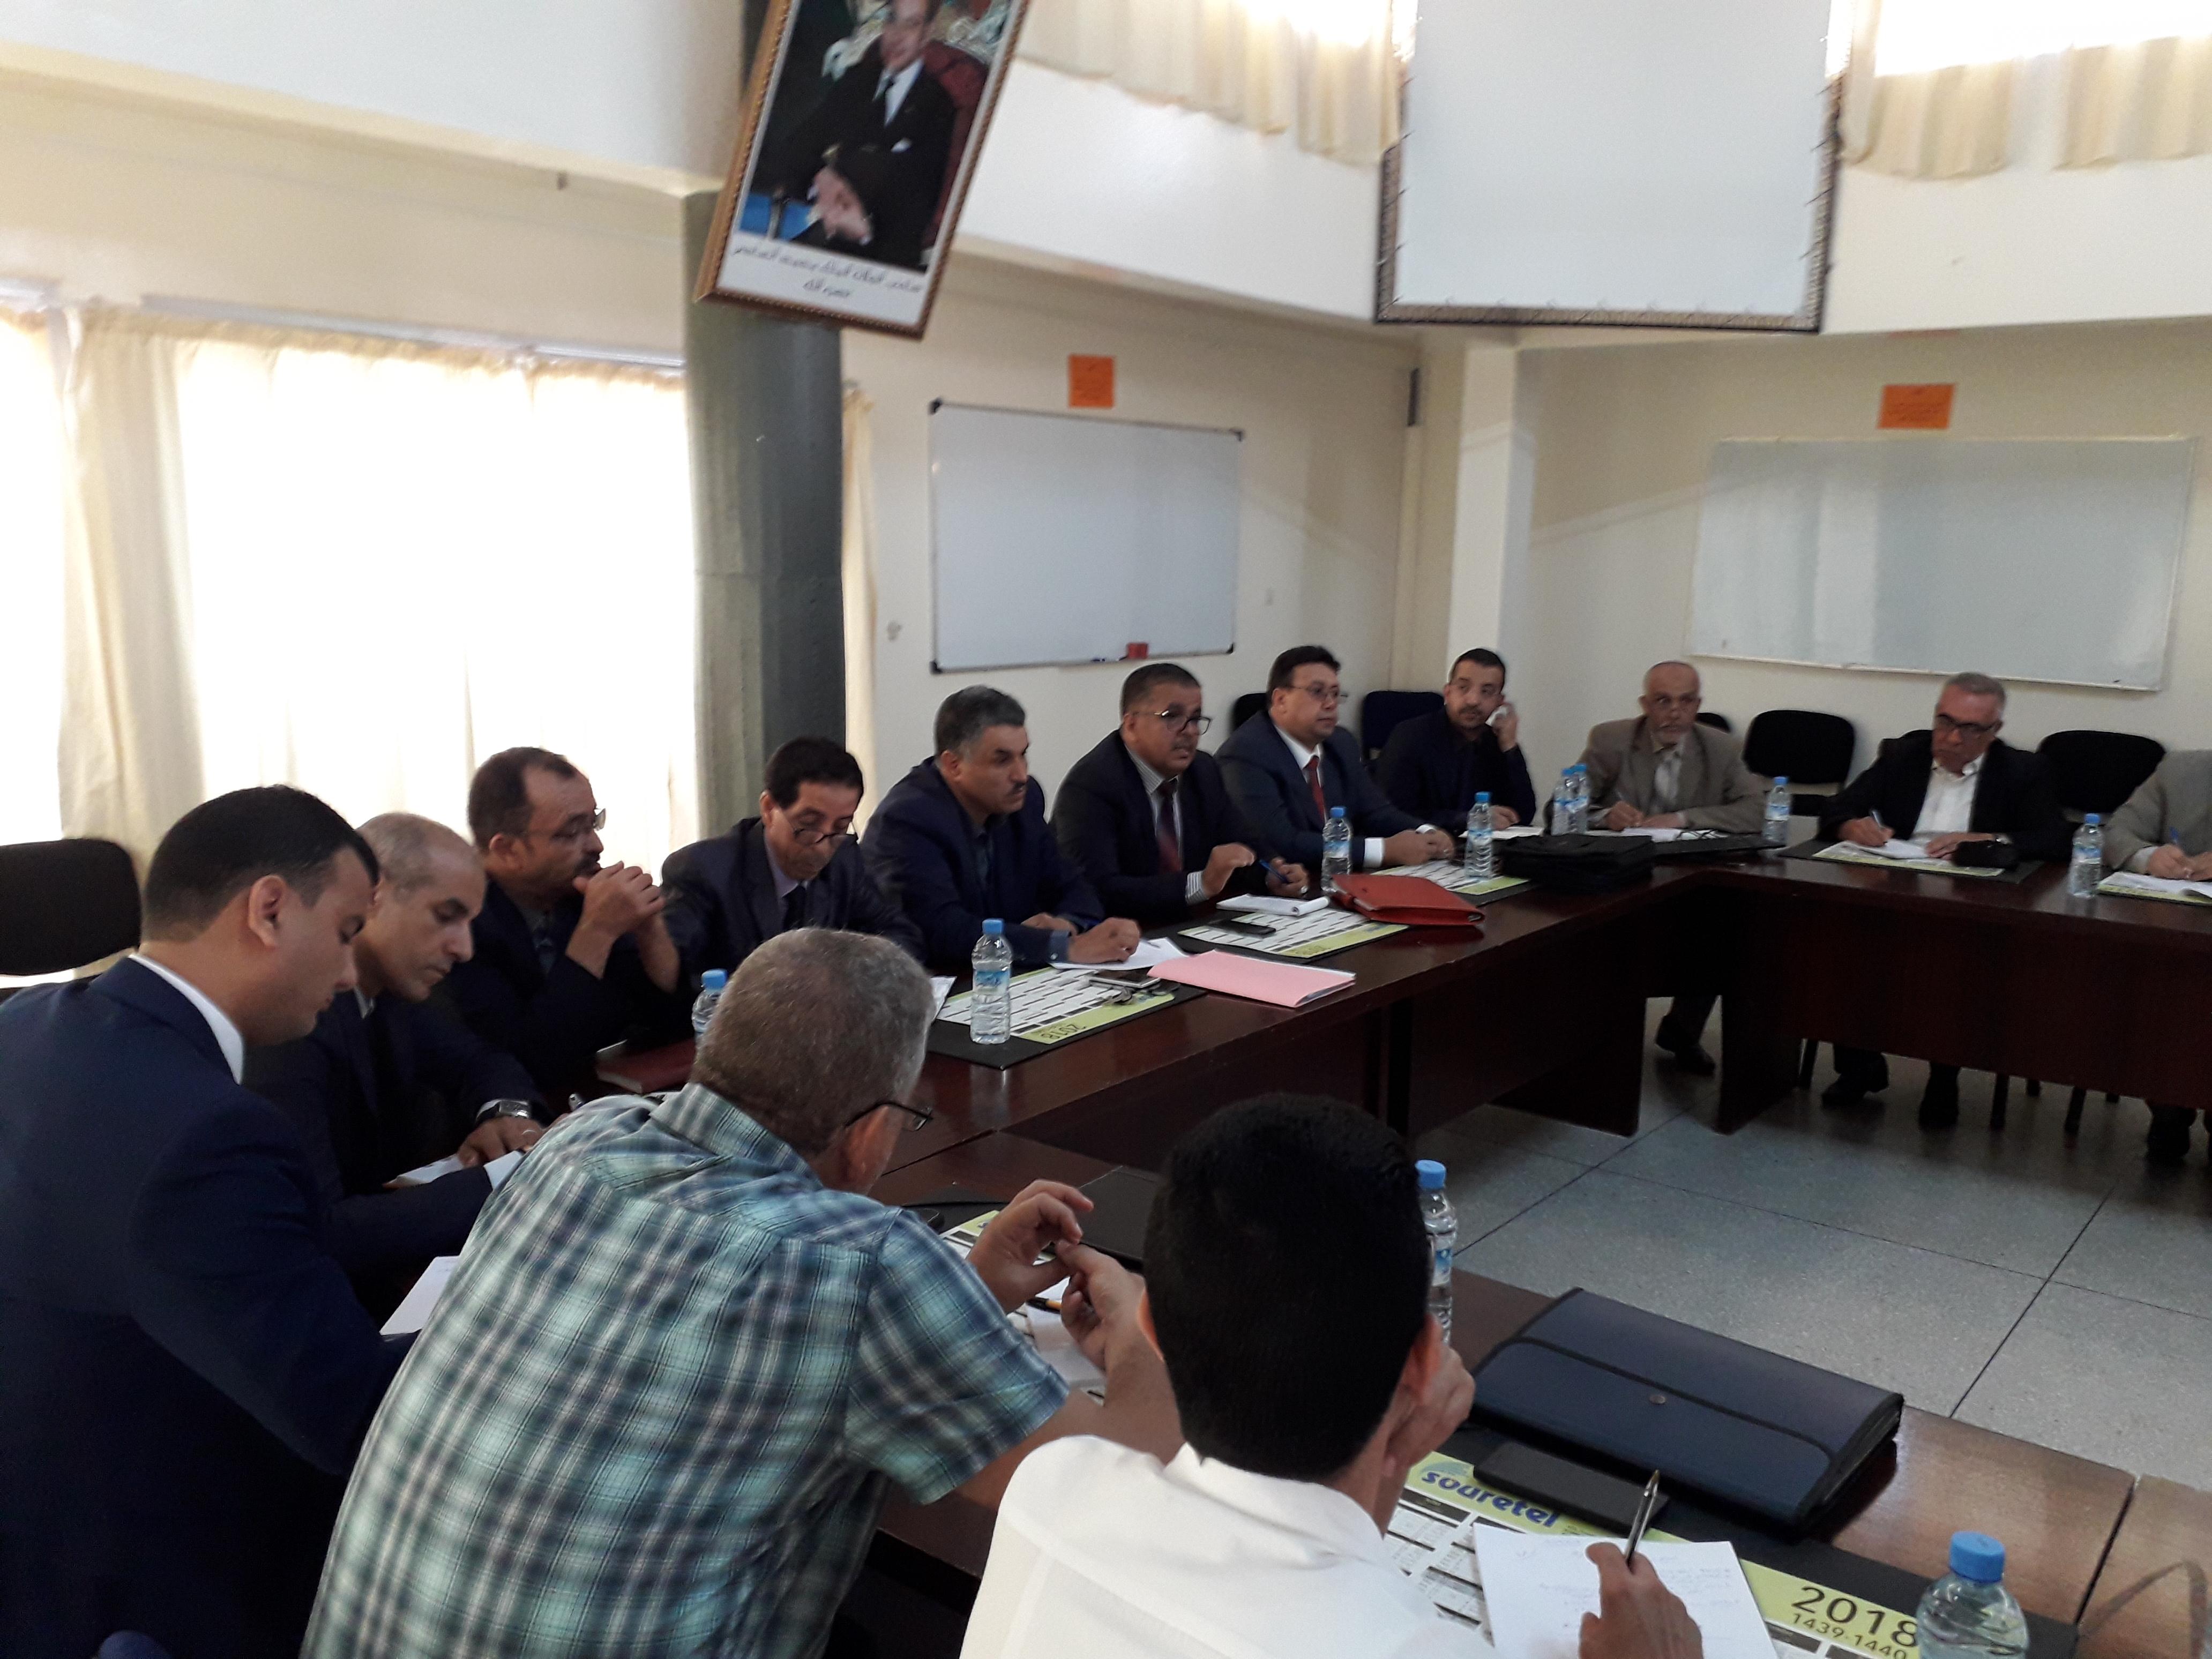 المدير الاقليمي لوزارة التعليم يعقد لقاءا تواصليا مع أطر المديرية حول اجراءات الدخول المدرسي